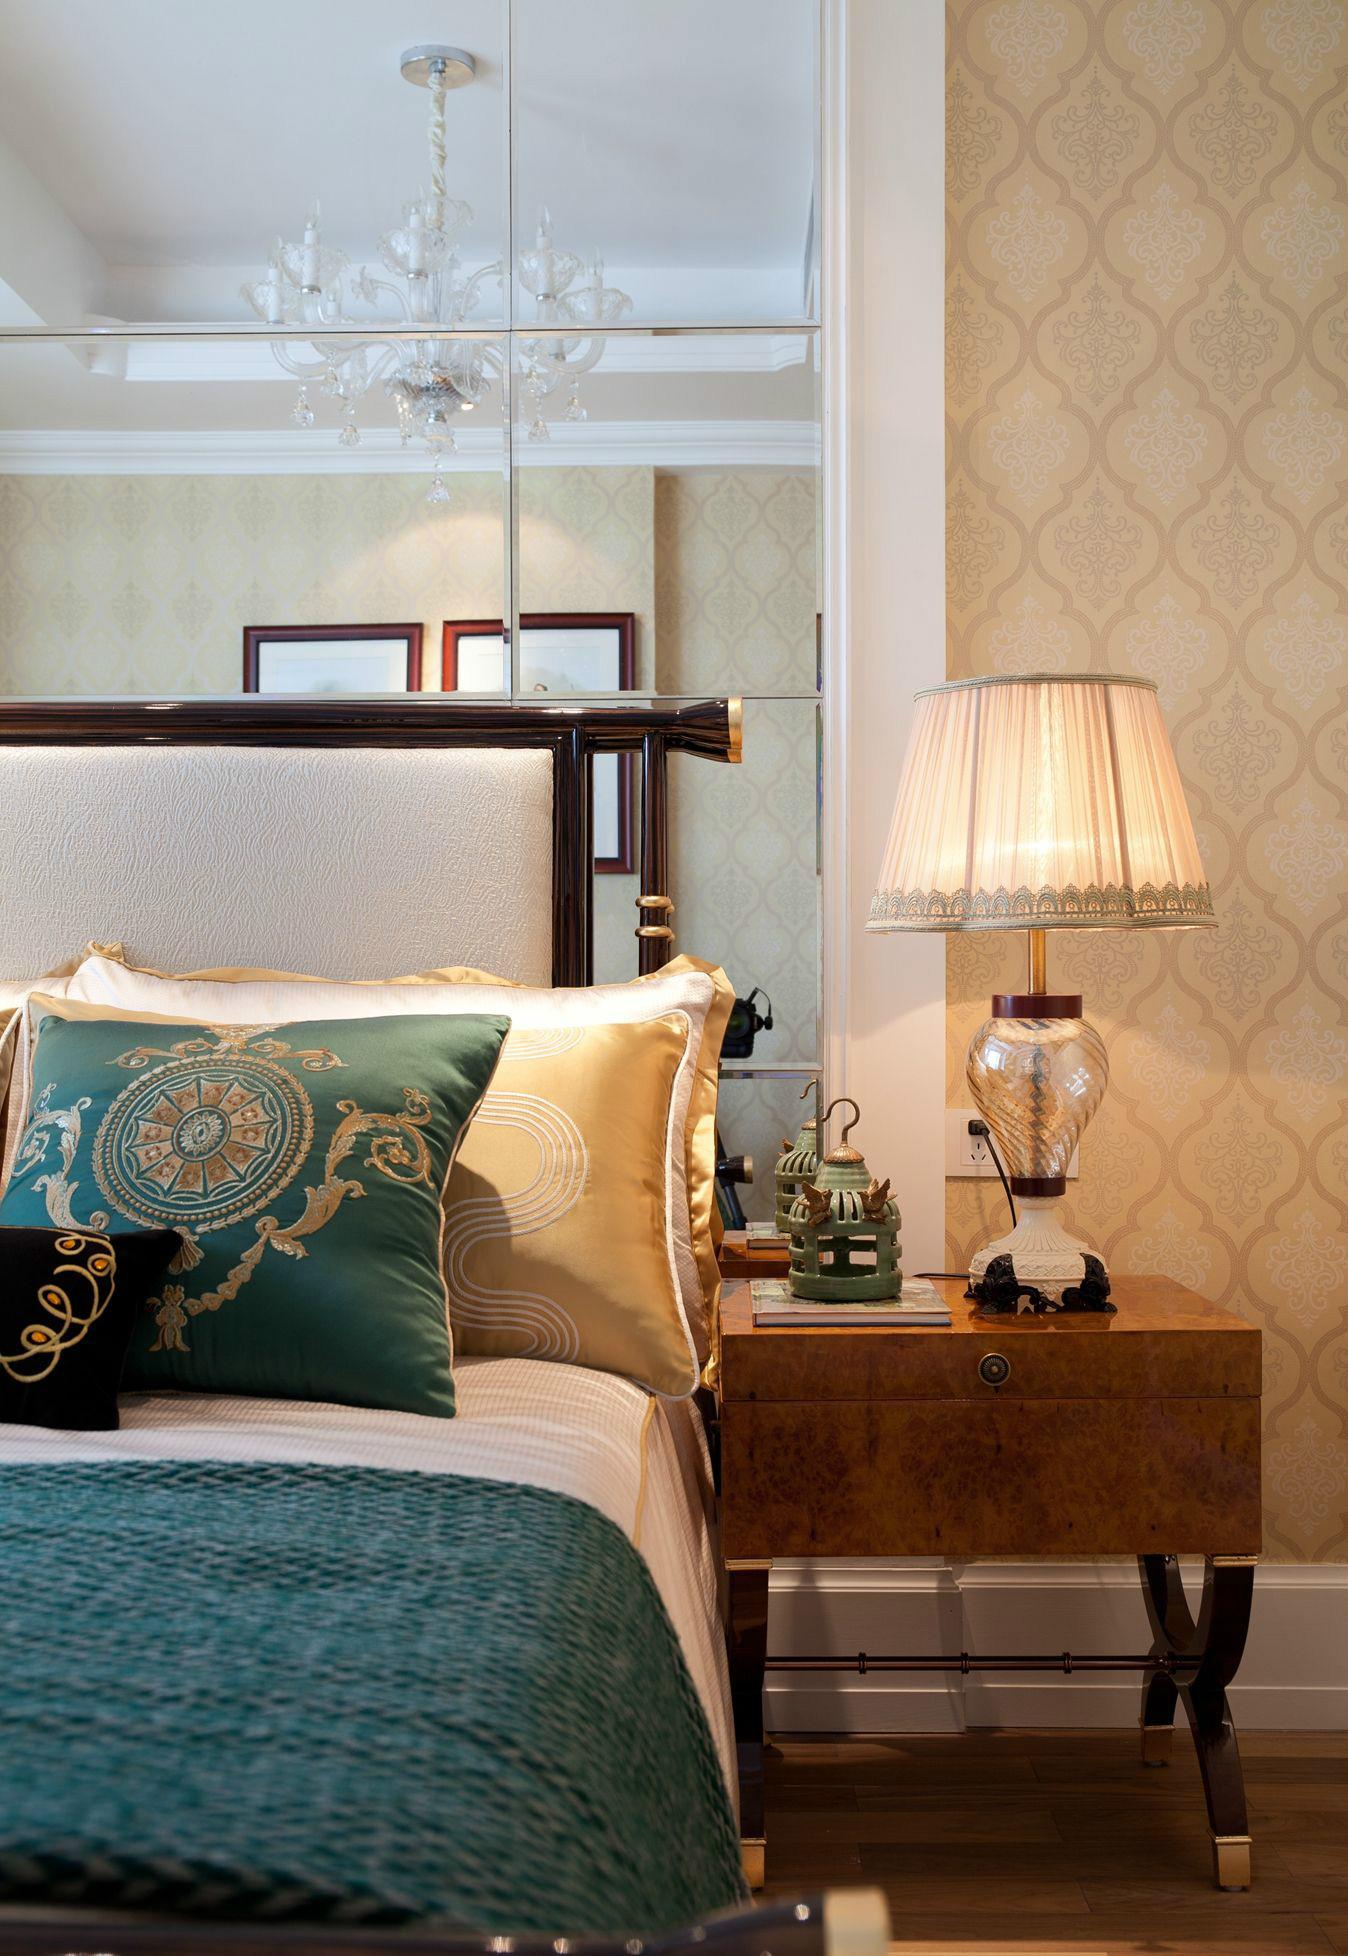 次卧背景墙采用了玻璃镜面材质,让整个空间更显开阔明亮;床头搭配复古柜,时尚又富有格调气息。